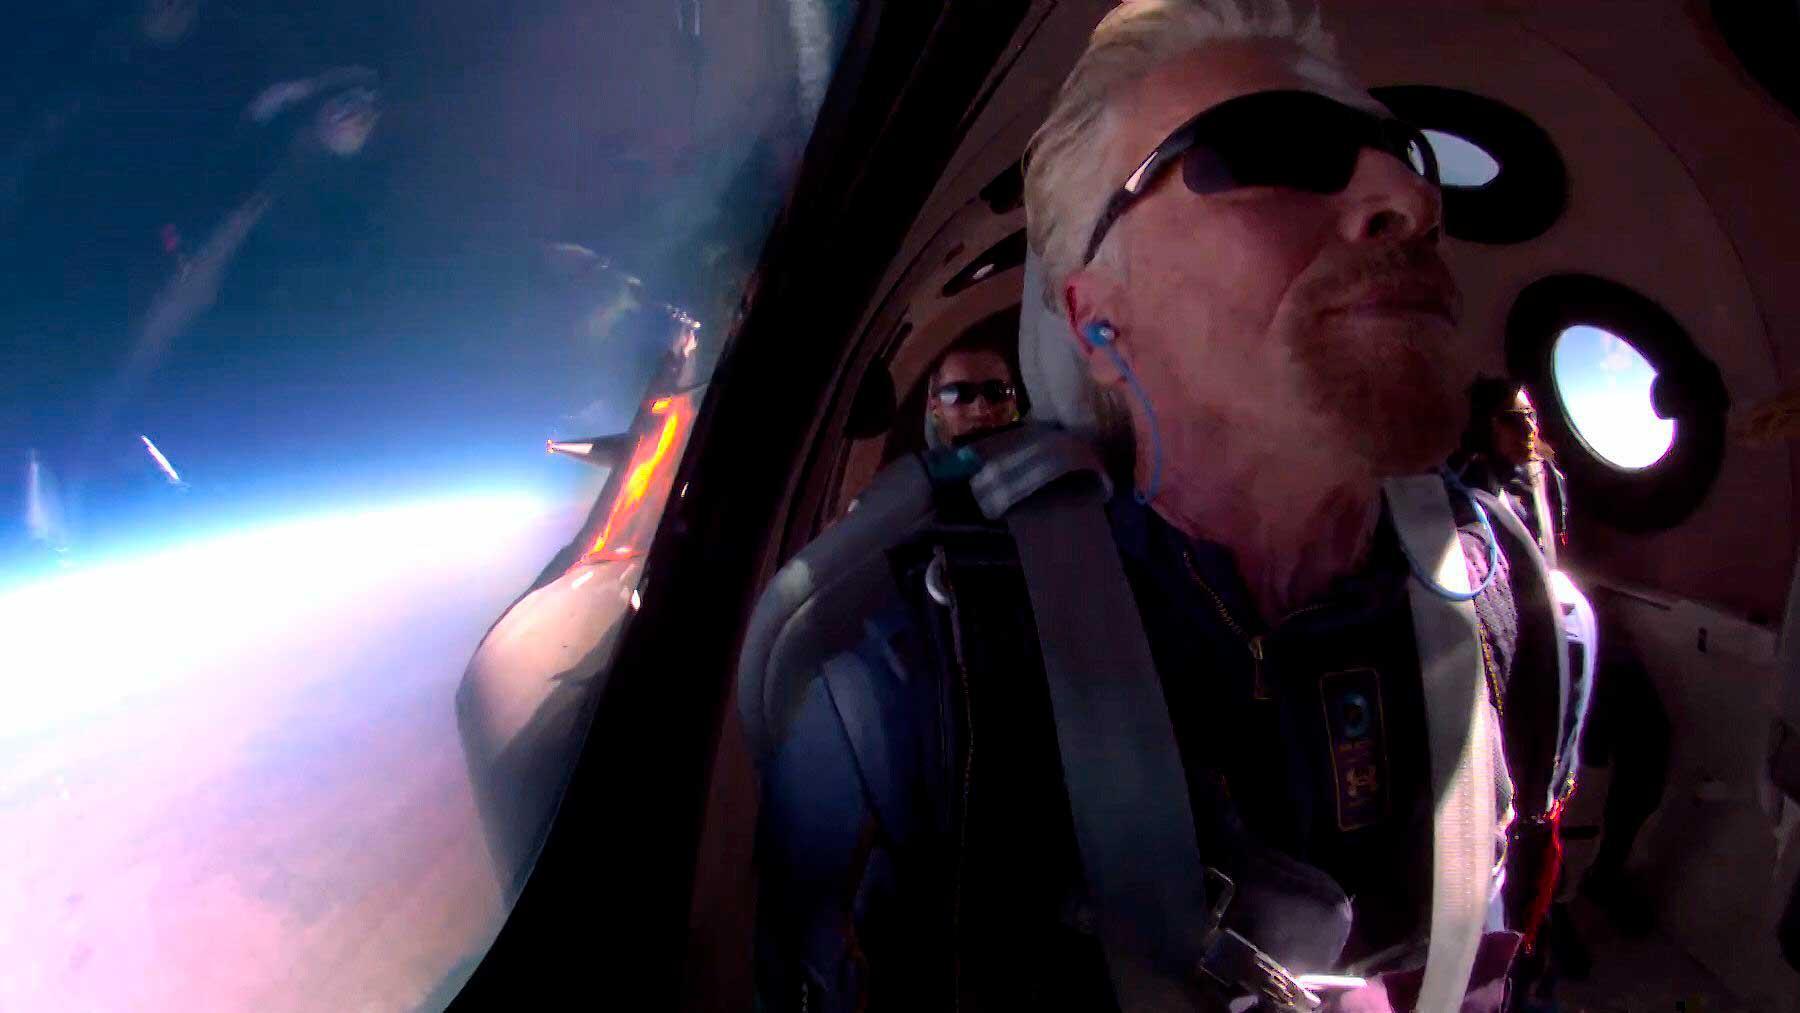 El multimillonario propietario de Virgin Galactic, Richard Branson, a bordo de la nave VSS Unity en el primer viaje espacial turístico. Foto: @richardbranson